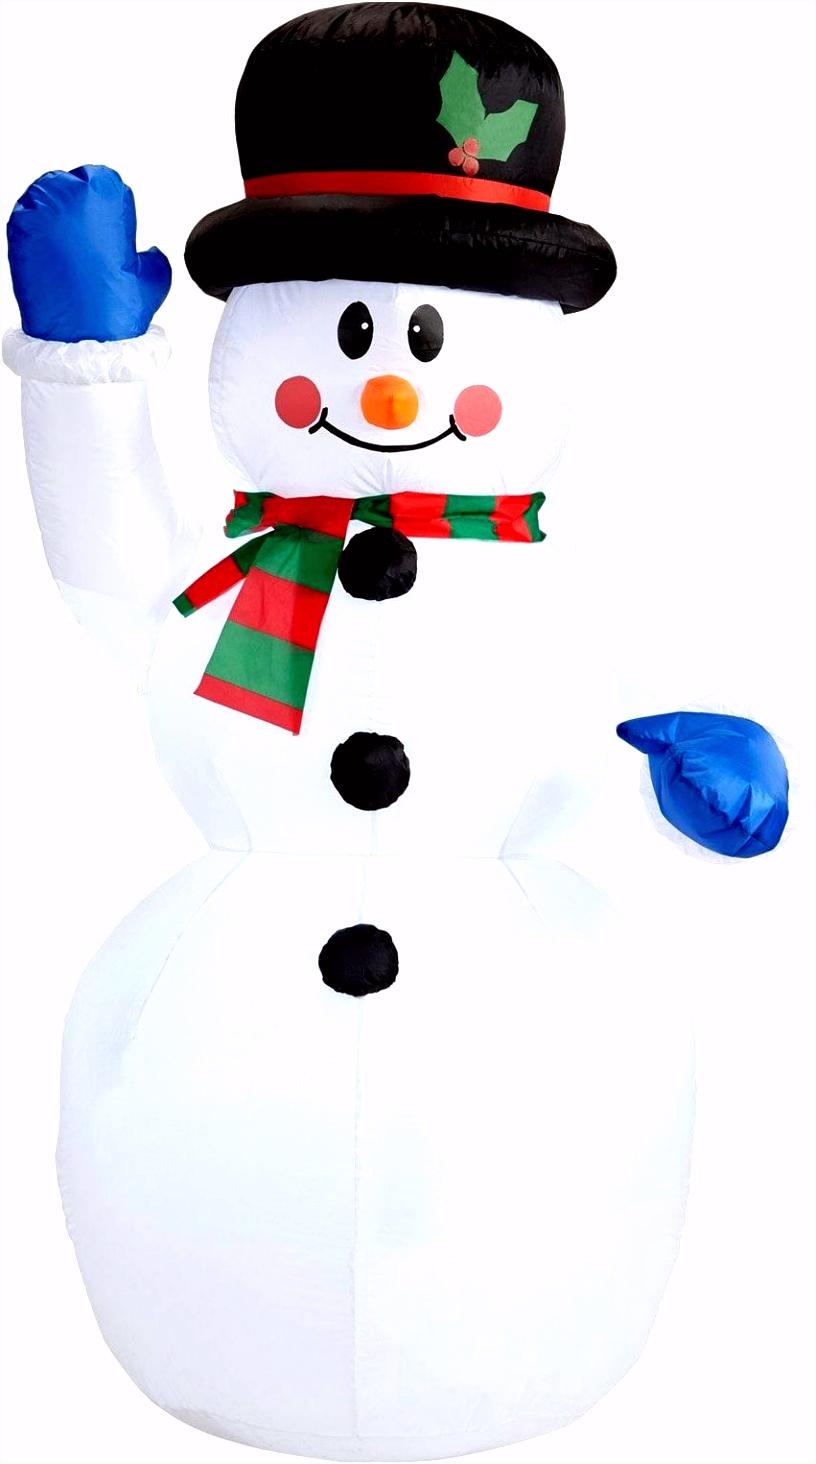 Sneeuwpop decoratie opblaasbaar Carnavalskleding